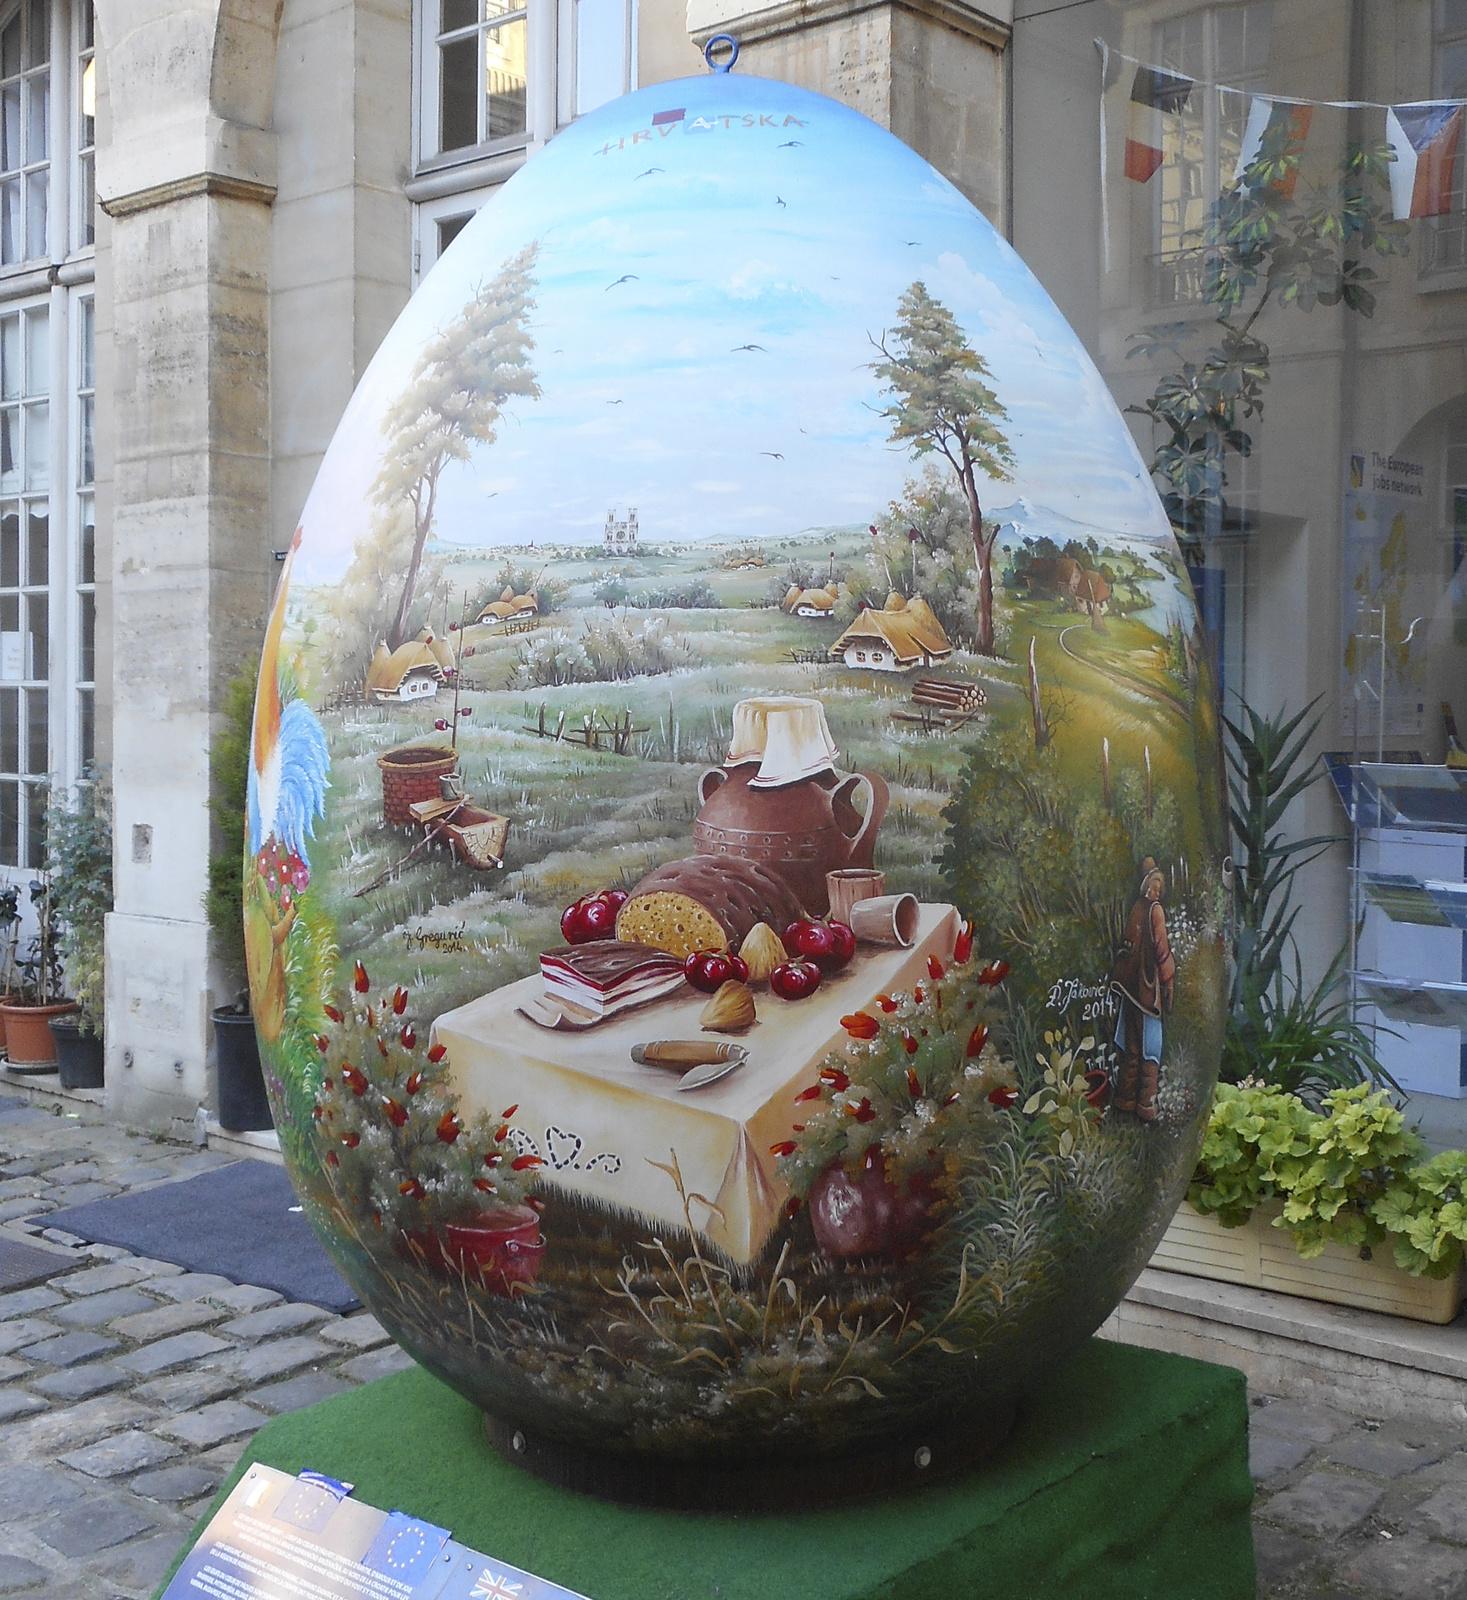 Pâques J-10 / Vive Pâques et le renouveau de la nature : Le Gros Oeuf...